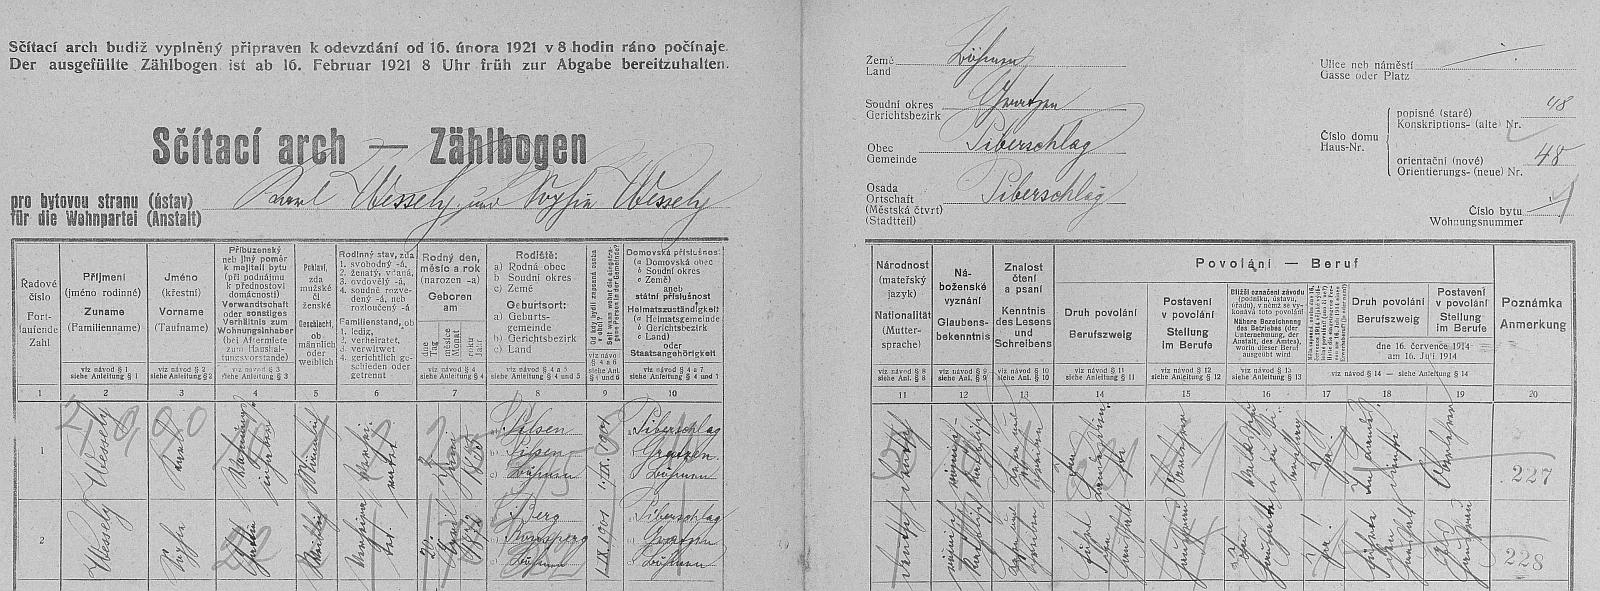 Arch sčítání lidu z roku 1921 pro dům čp. 45 ve Veveří, kde bydlil se svou ženou Sophií